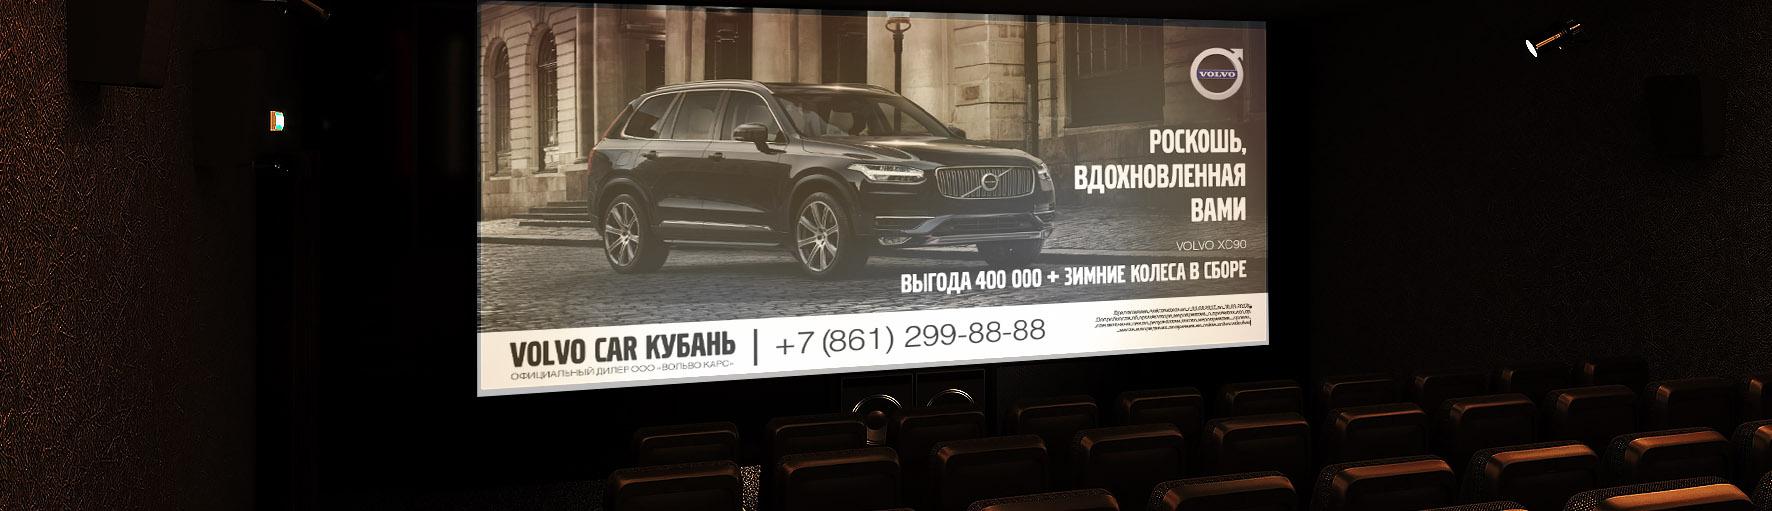 РЕКЛАМНЫЕ УСЛУГИ кинотеатр